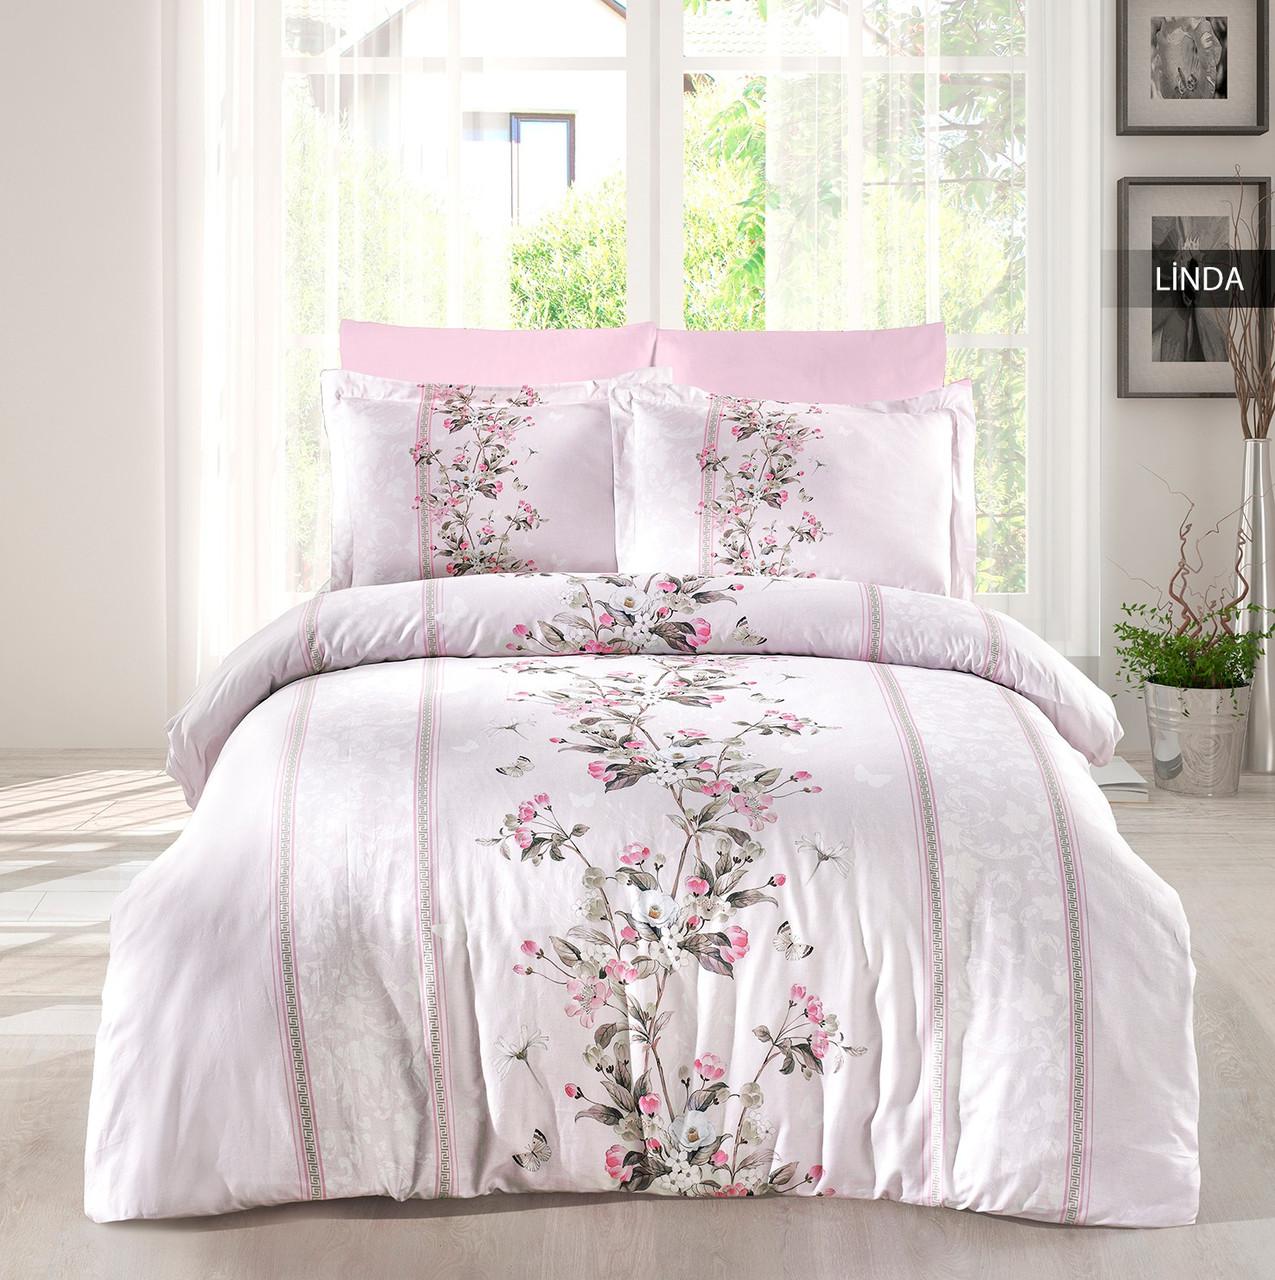 Комплект постельного белья Ecosse Сатин 200х220 Linda